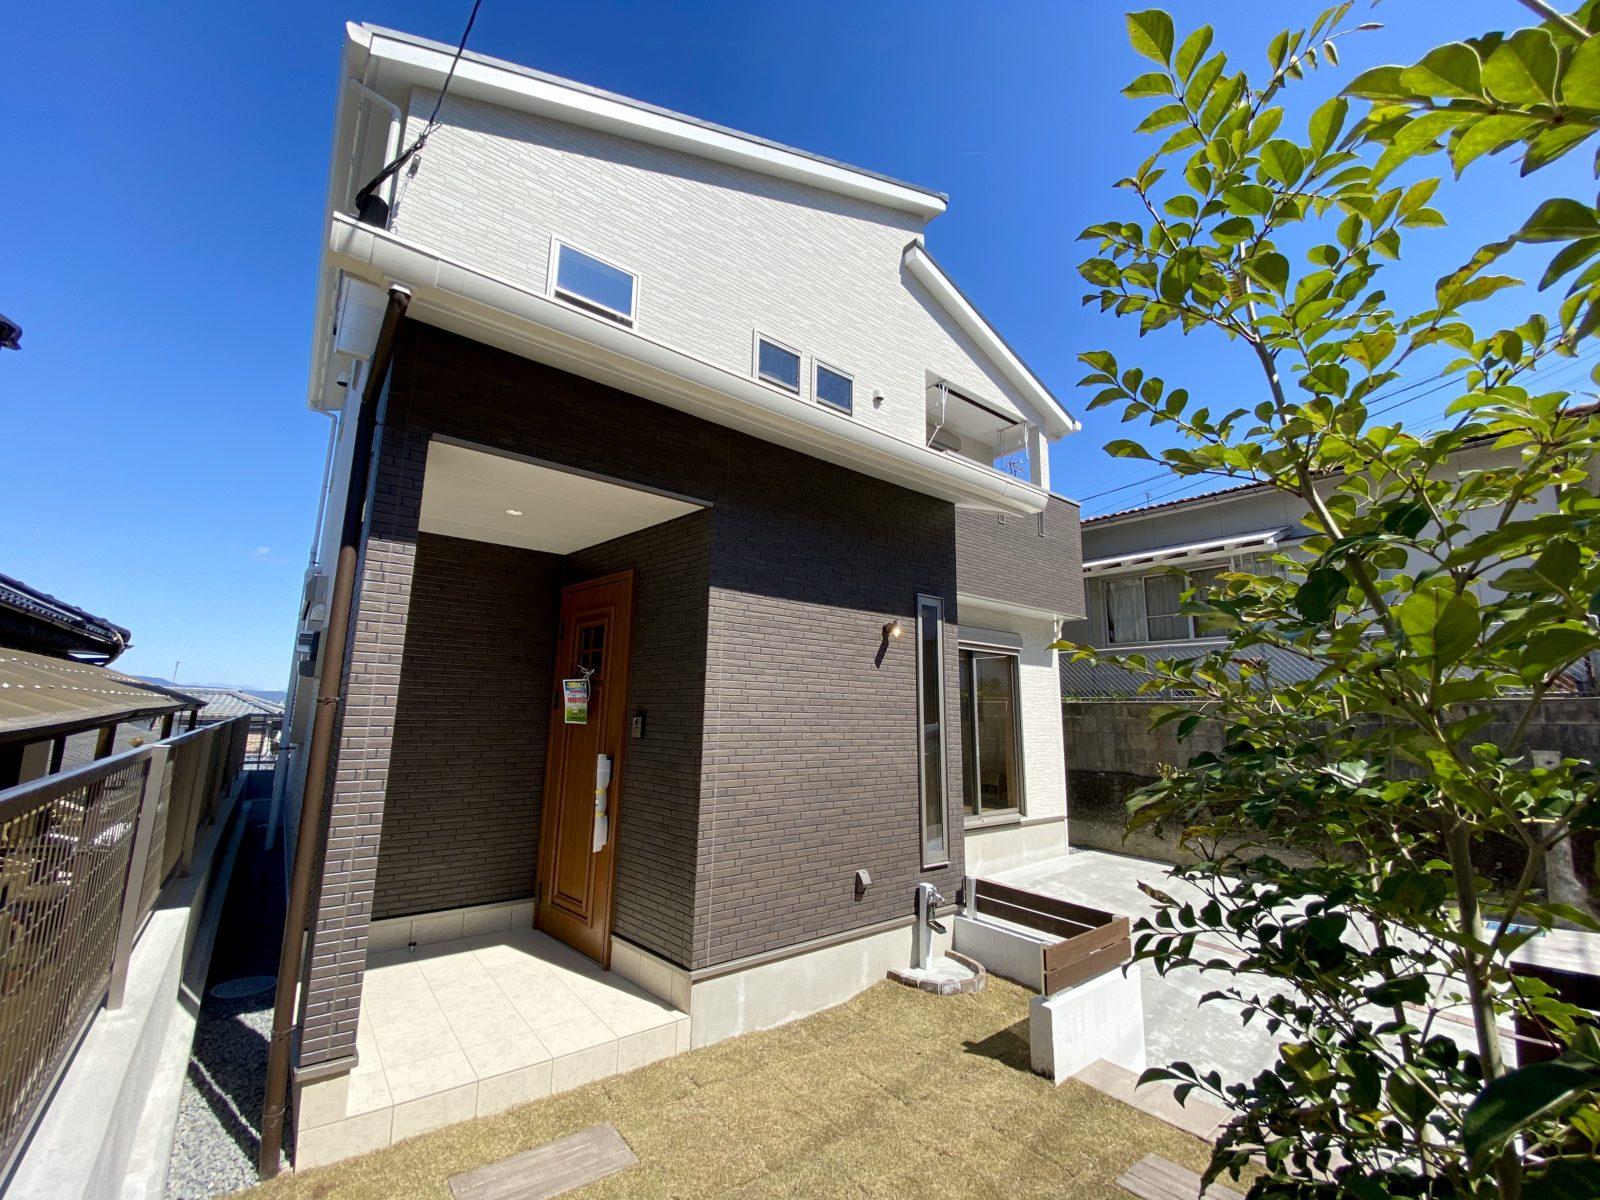 家事を楽しく、効率よくできるラク家事動線のお家。オープンハウス 【鹿児島市】